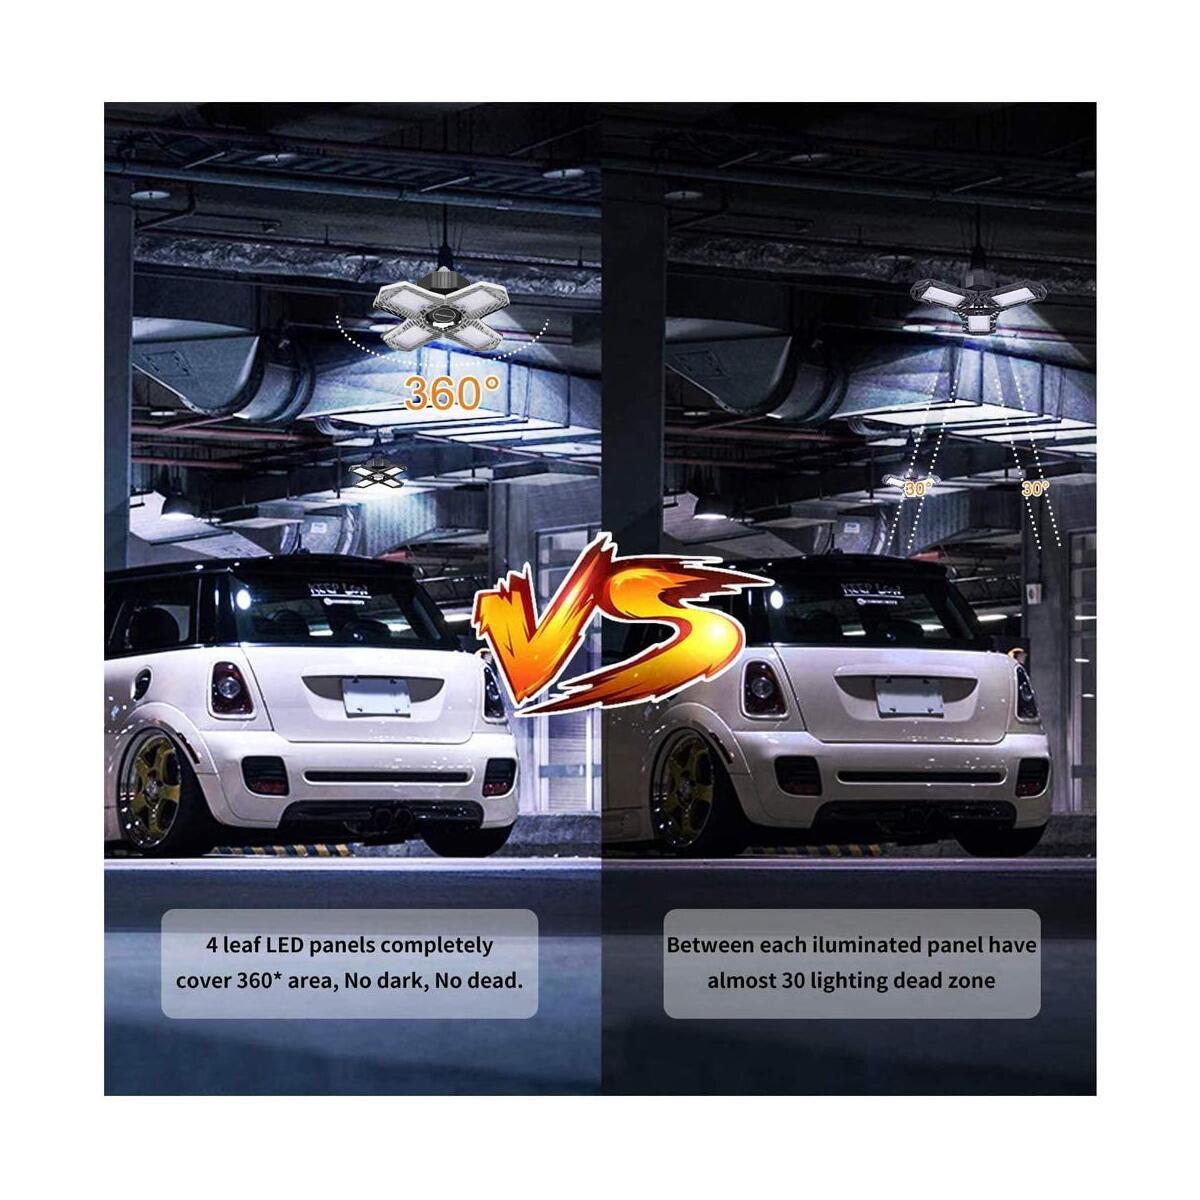 LED Garage Lights 150W, 4 Panels 15000lm Deformable Garage Lights Ceiling LED, Shop Light 6500K Daylight Quabright Glow Adjustable Folding Garage Lighting Bulb E26/E27 for Garage,Workshop,Warehouse(Silver)